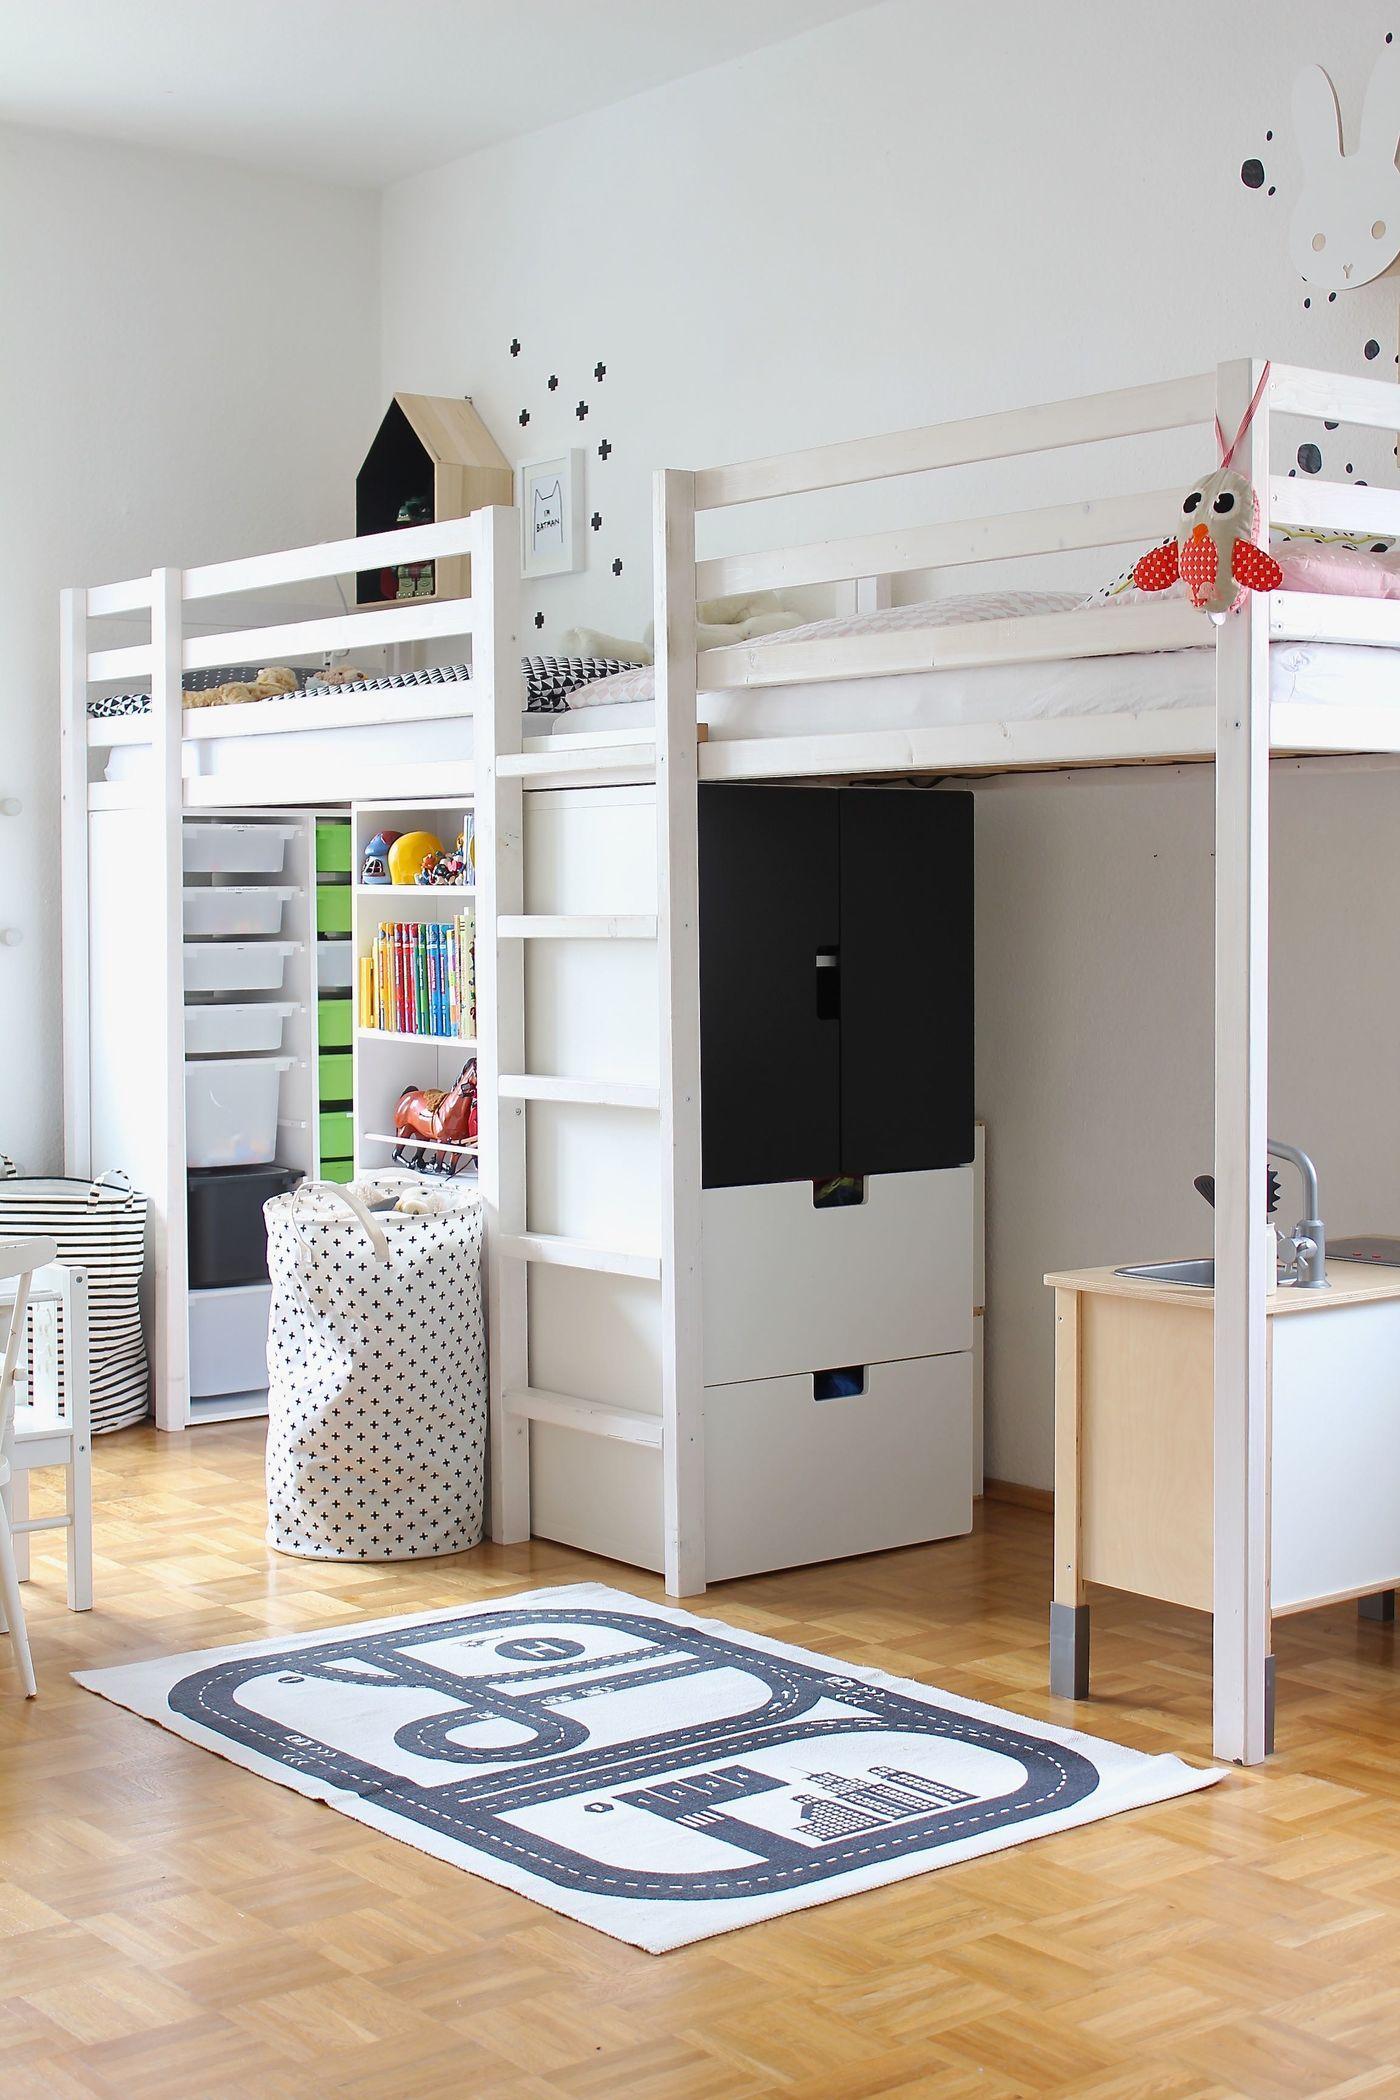 Full Size of Kinderzimmer Eckschrank Ideen Fr Das Ikea Stuva Einrichtungssystem Bad Regal Weiß Regale Sofa Küche Schlafzimmer Wohnzimmer Kinderzimmer Eckschrank